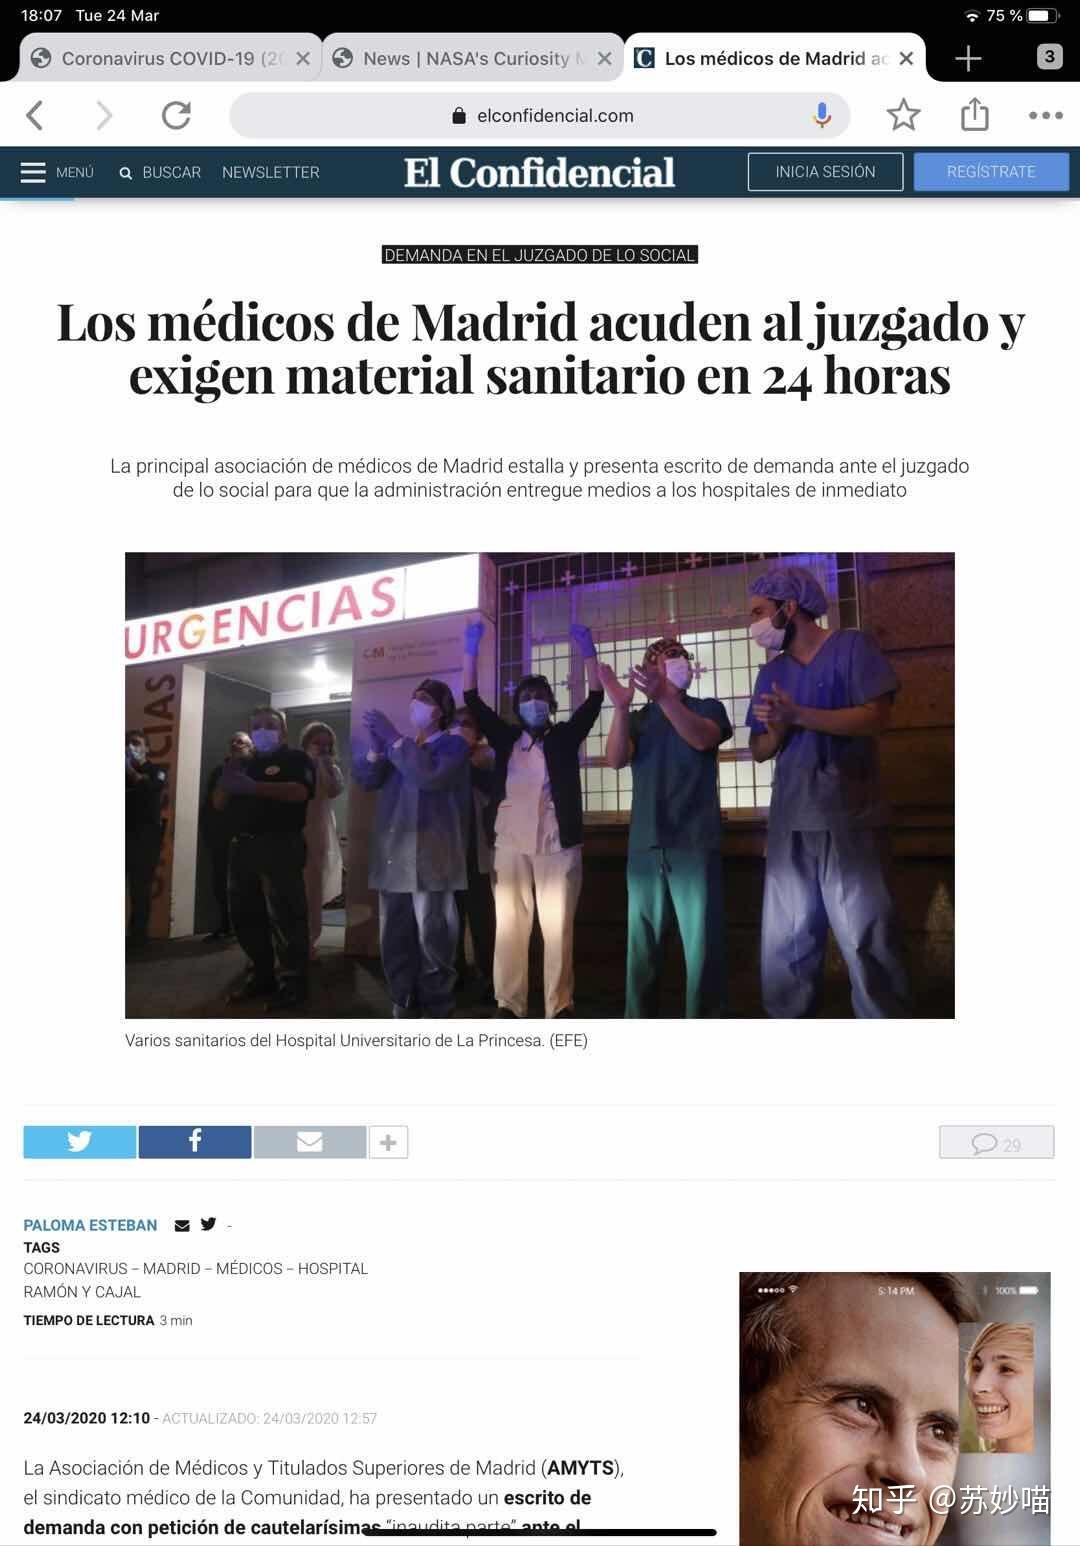 3 月 20 日西班牙新增新冠肺炎 4946 例,为什么西班牙病例突然增长这么快? ... 3月20日,卫生部,西班牙,为什么,其中 第17张图片